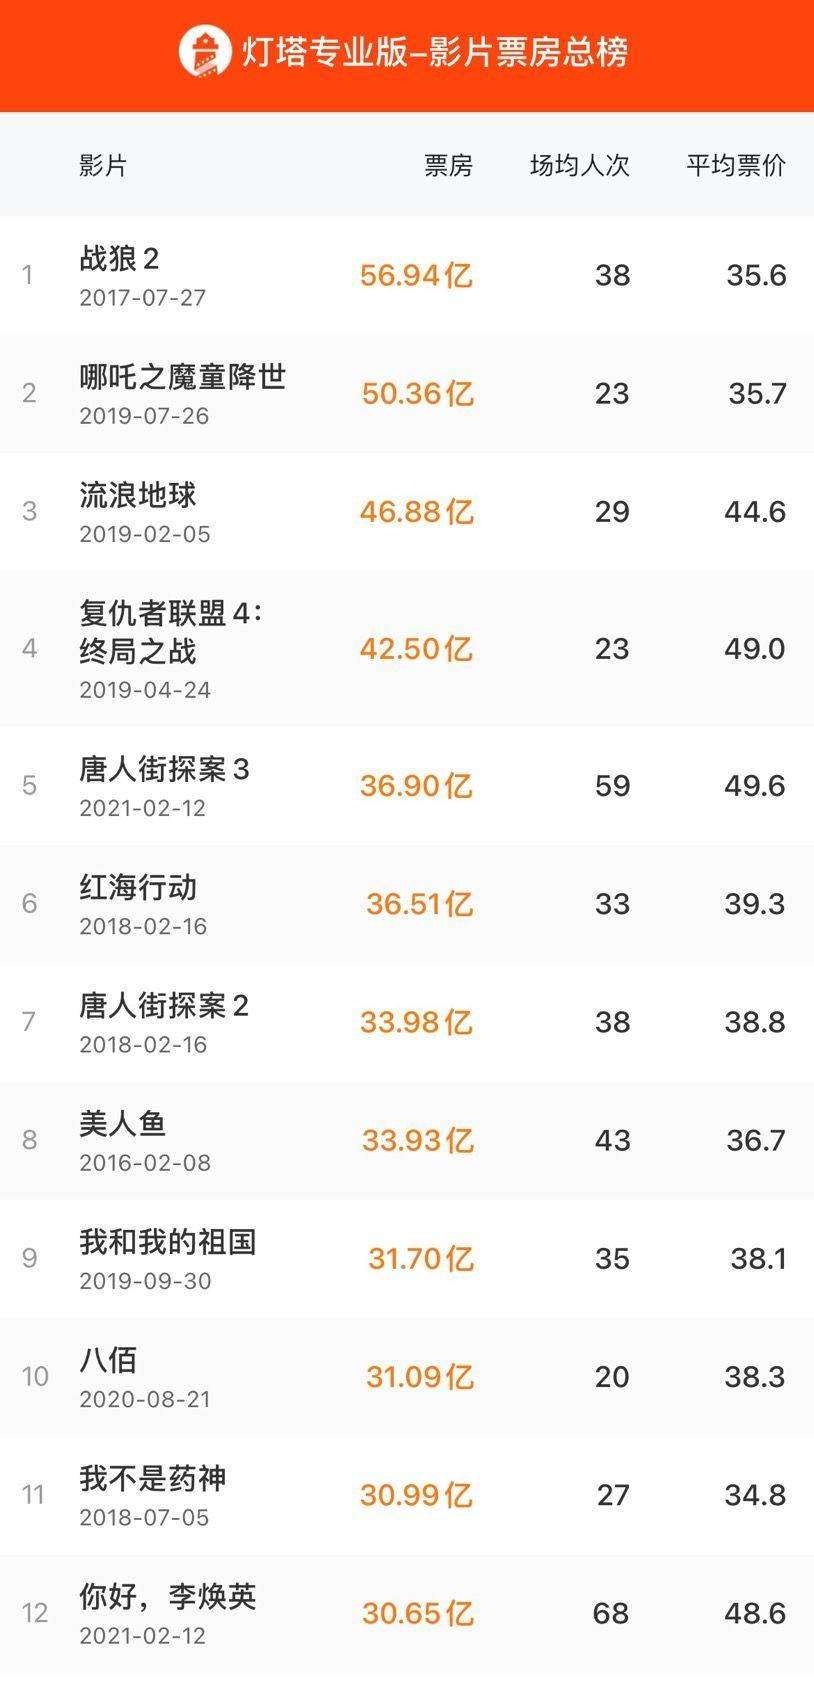 唐探3进入中国影史票房前五 票房超越《药神》